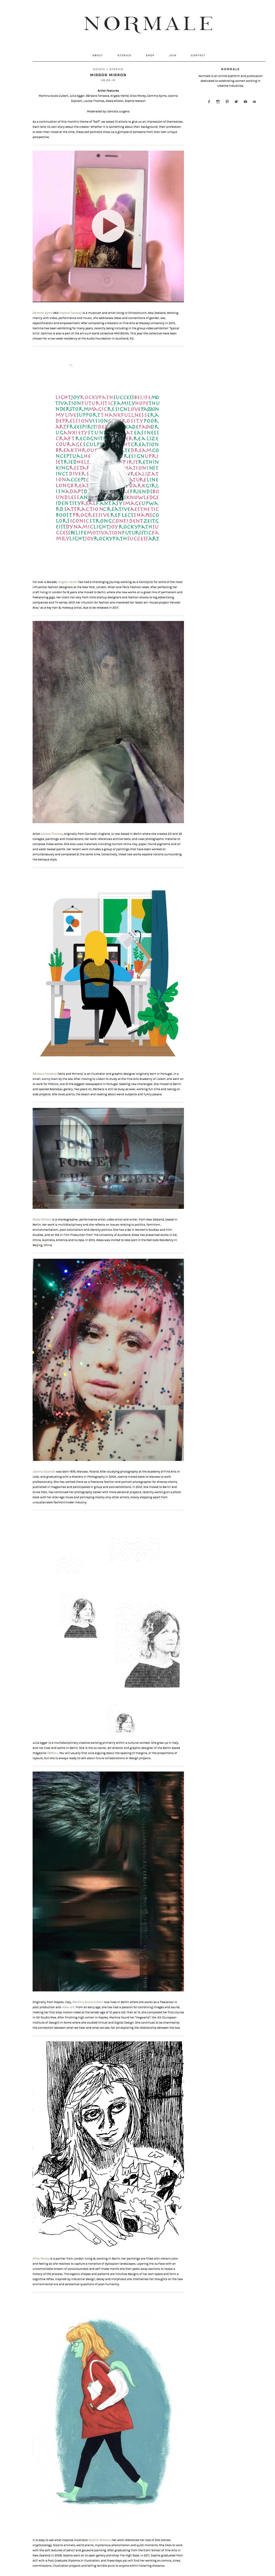 Mirror_Mirror_web02